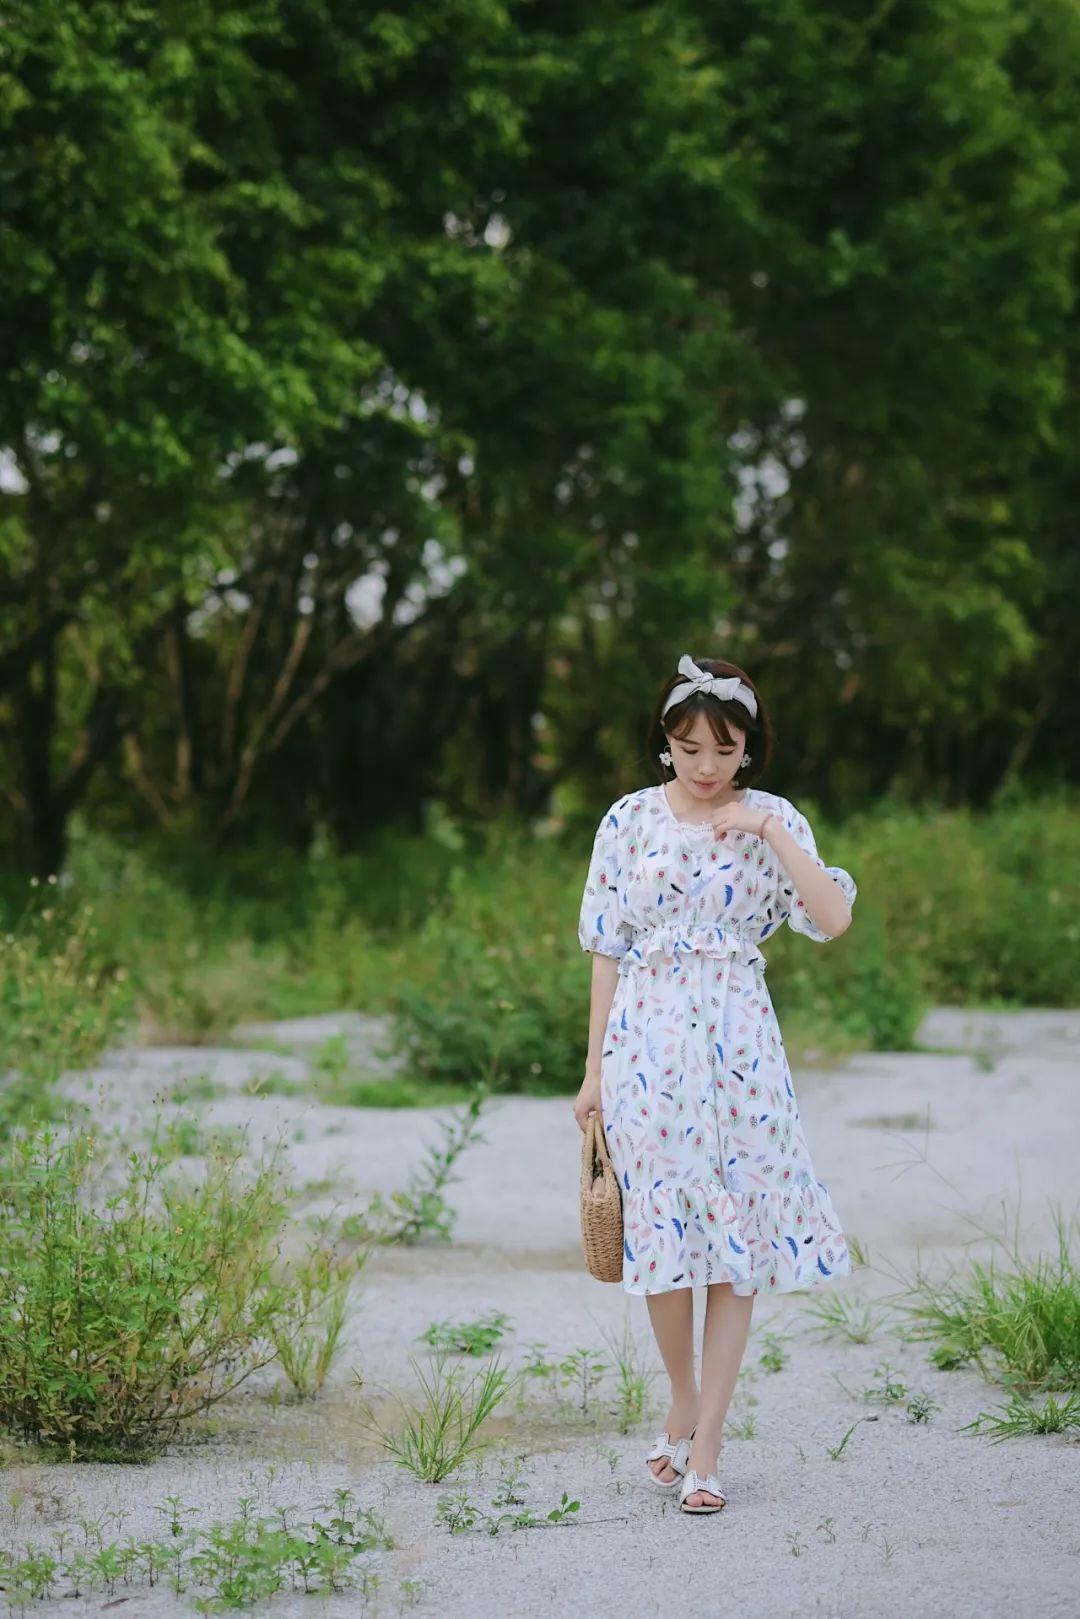 麻棉中袖连衣裙的制作?#22363;? border=